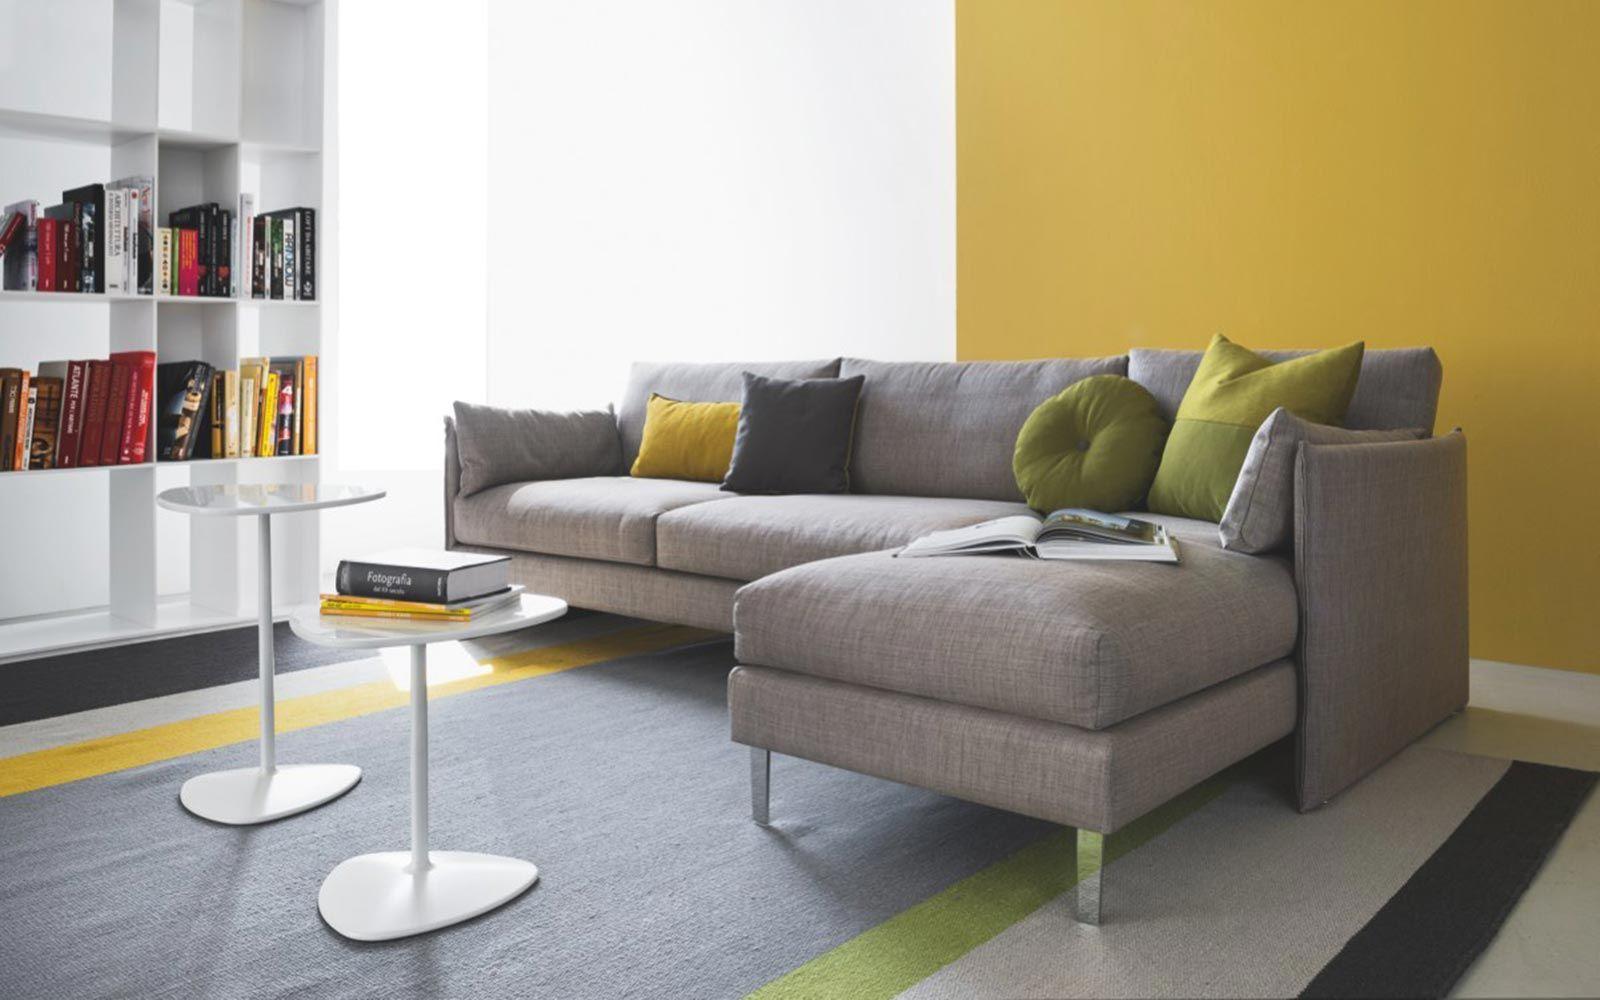 Beau Open Base Design Modular Sofa Urban   Calligaris CS/3369 GB CA